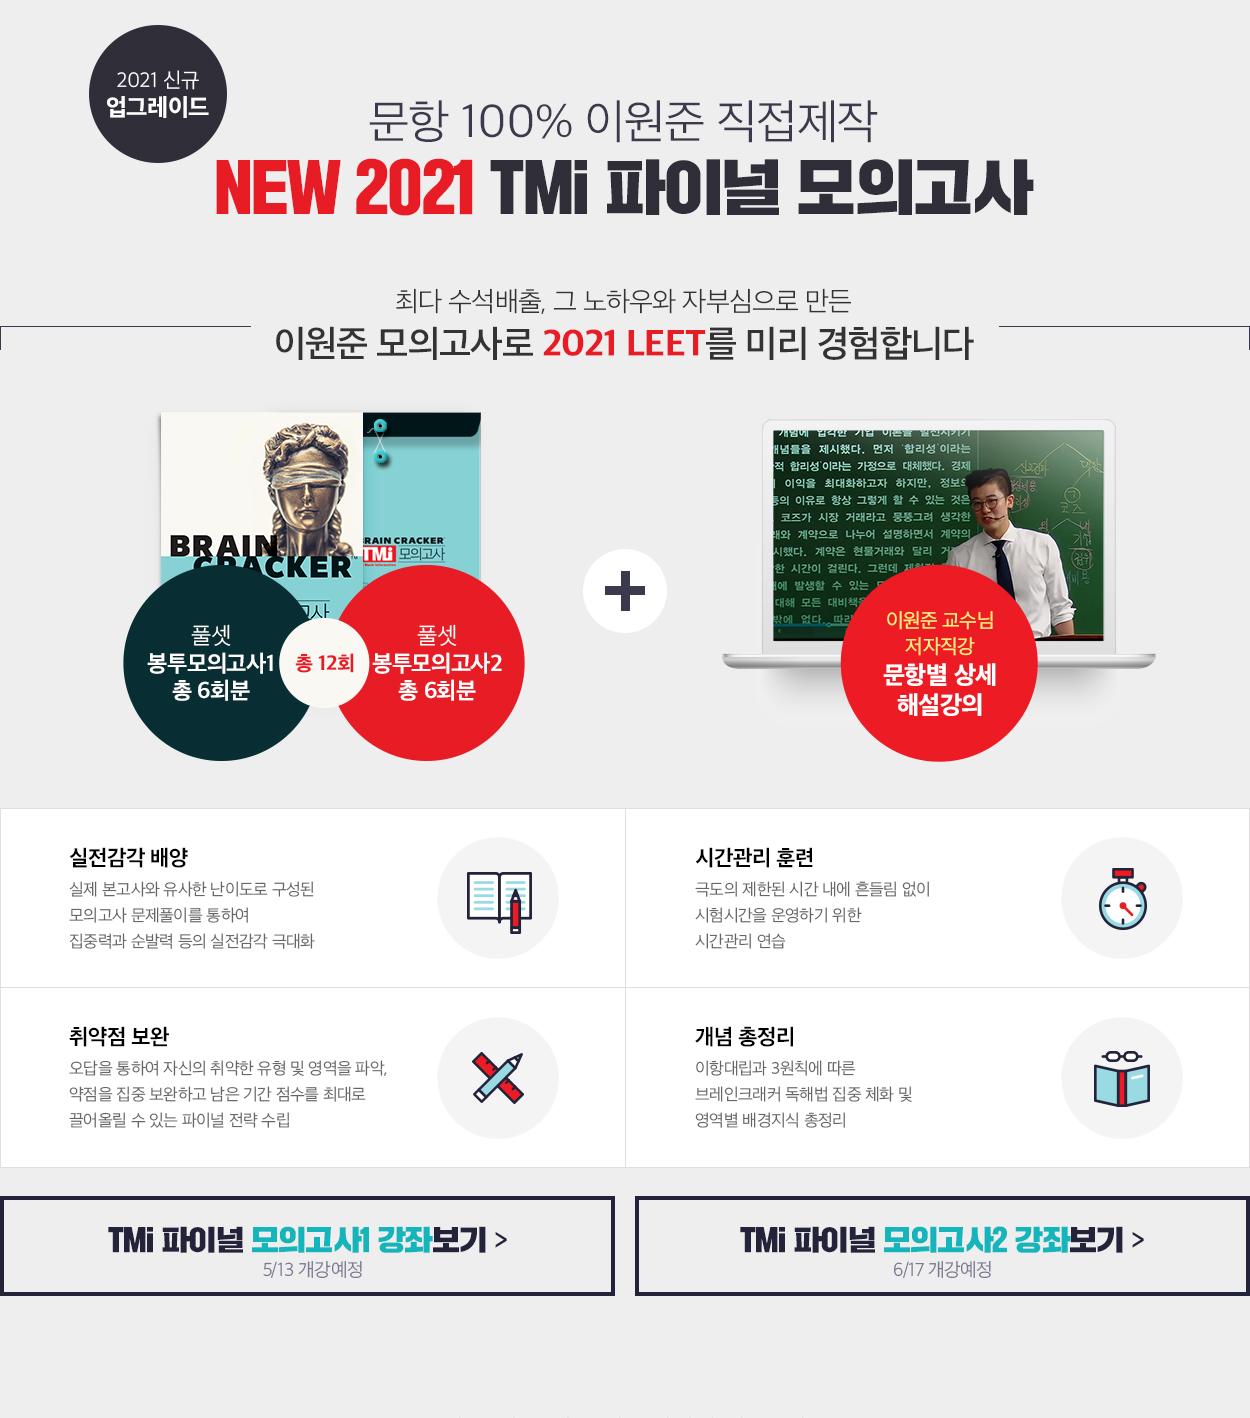 全문항 100% 이원준 직접제작 NEW 2021 TMi 파이널 모의고사